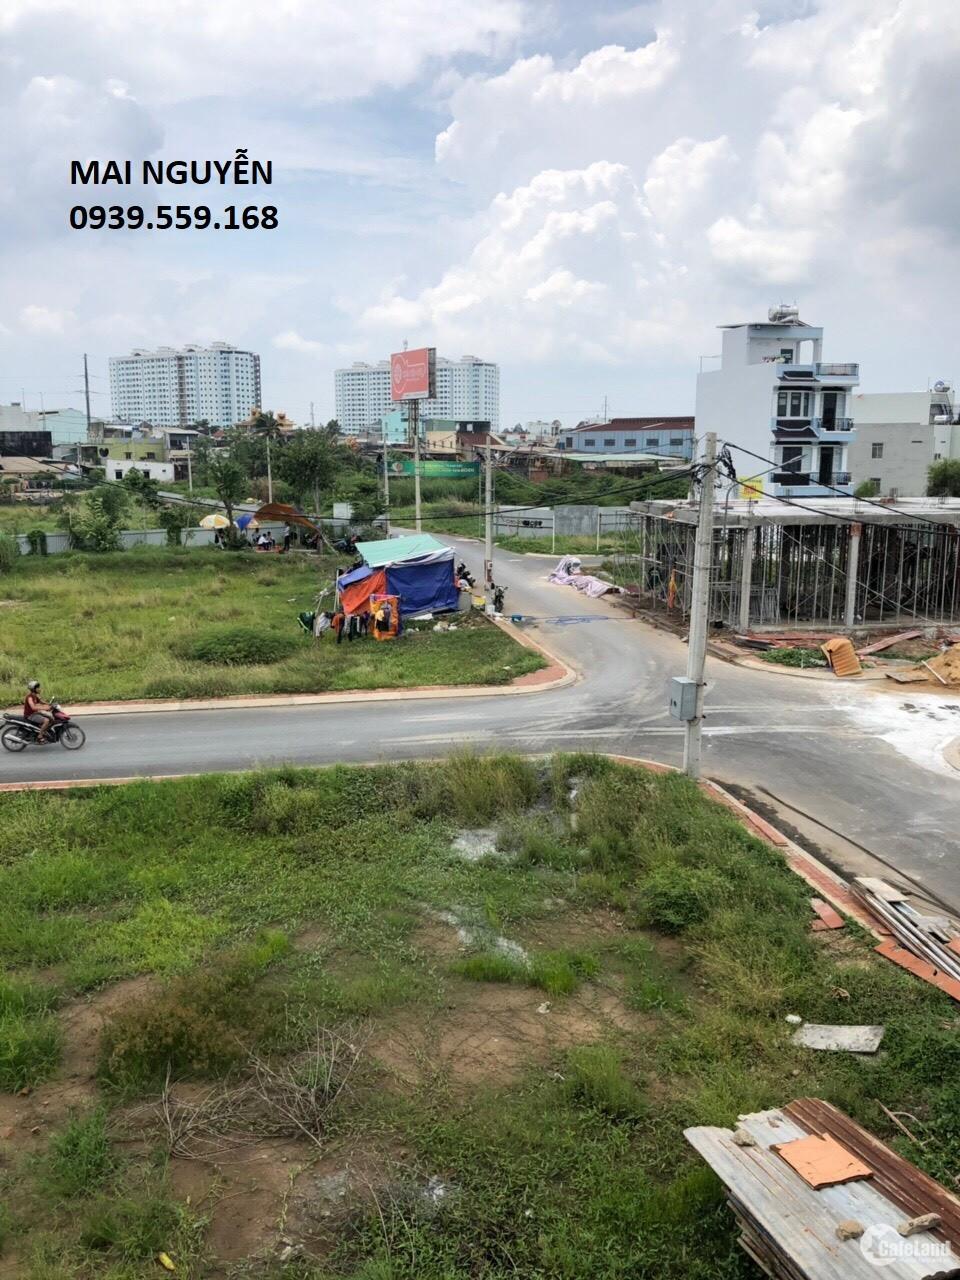 Bán gấp lô đất quận Bình Điền.sổ hồng riêng. đất thổ 100% 100m2=3 tỷ chiết khấu